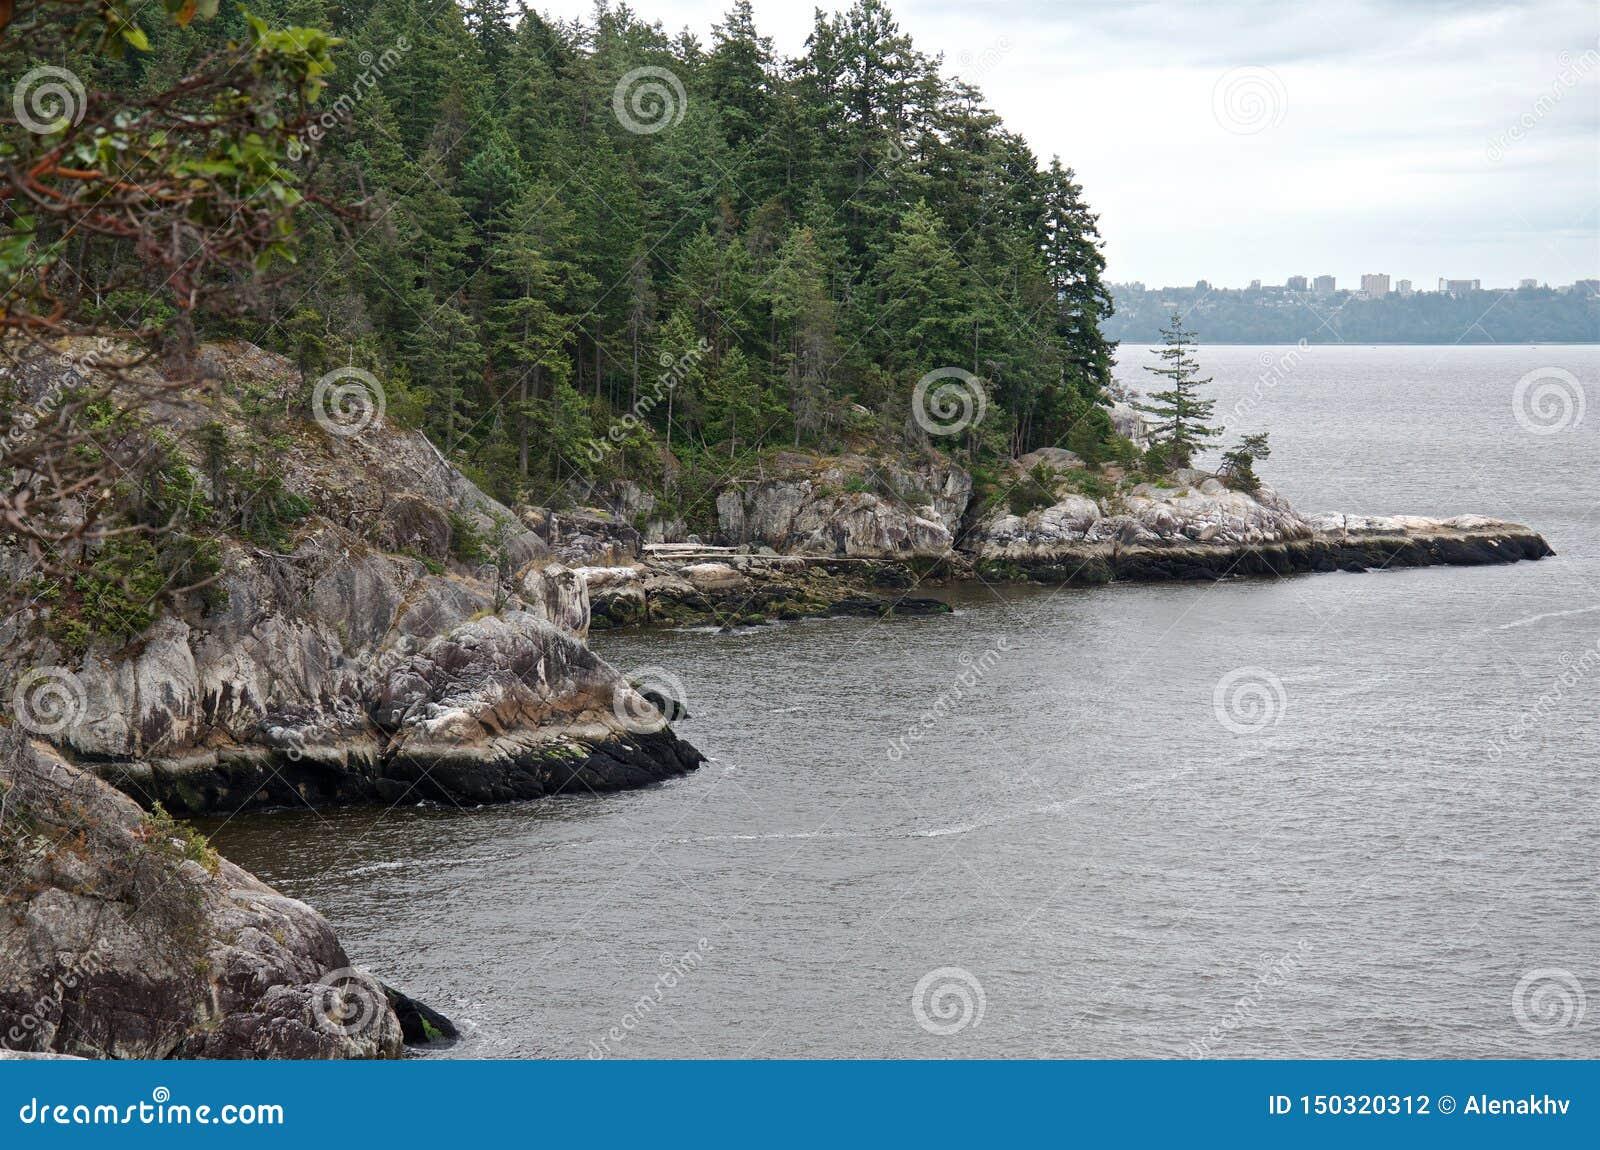 Koniferenwald auf Küstenklippen im regnerischen Wetter,